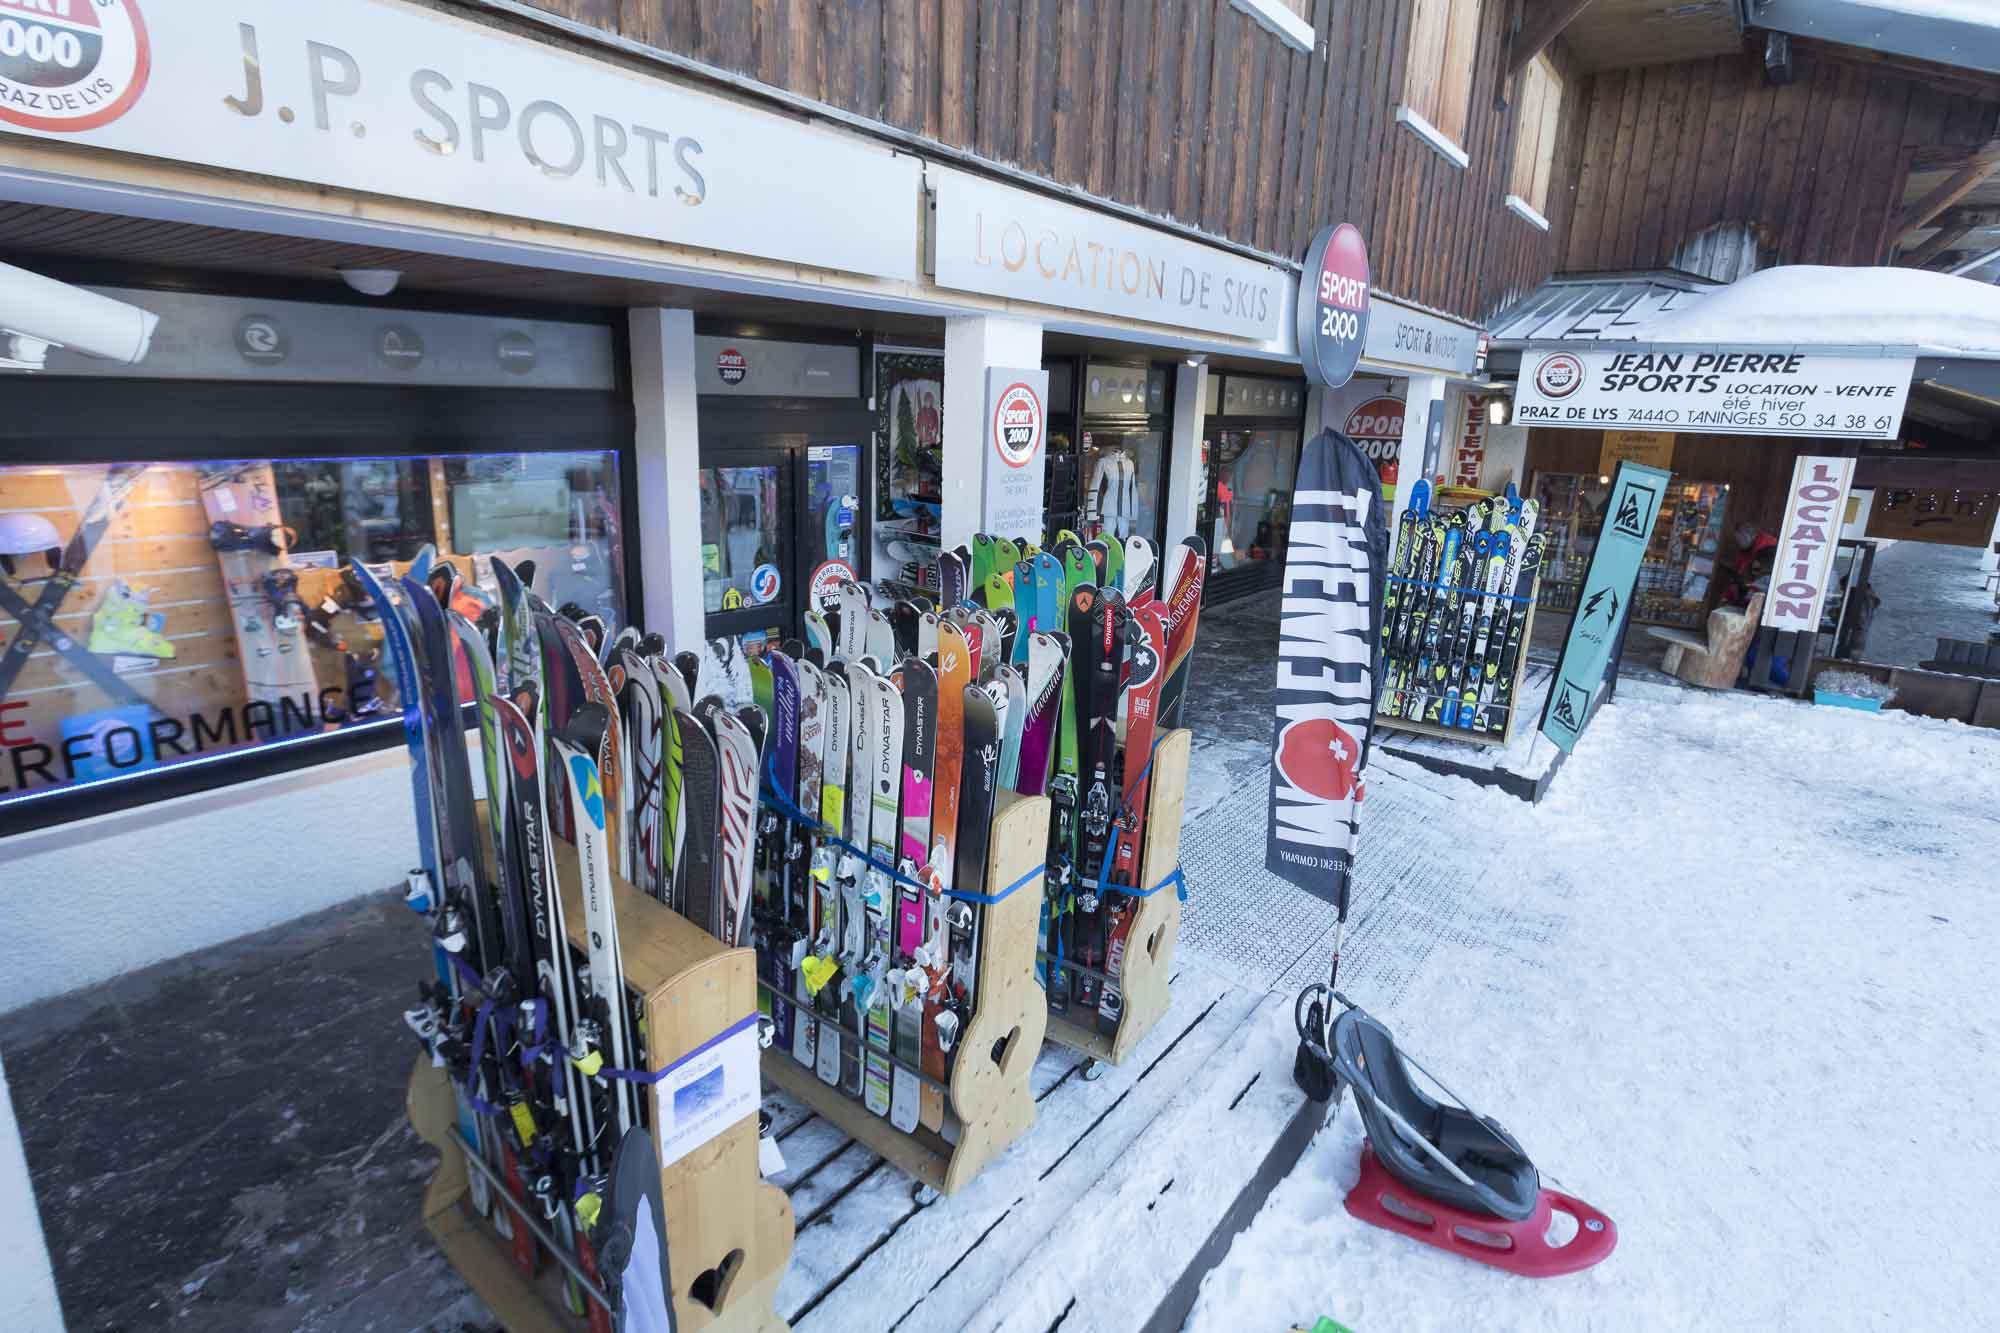 Jean Pierre Sports Praz de Lys-5